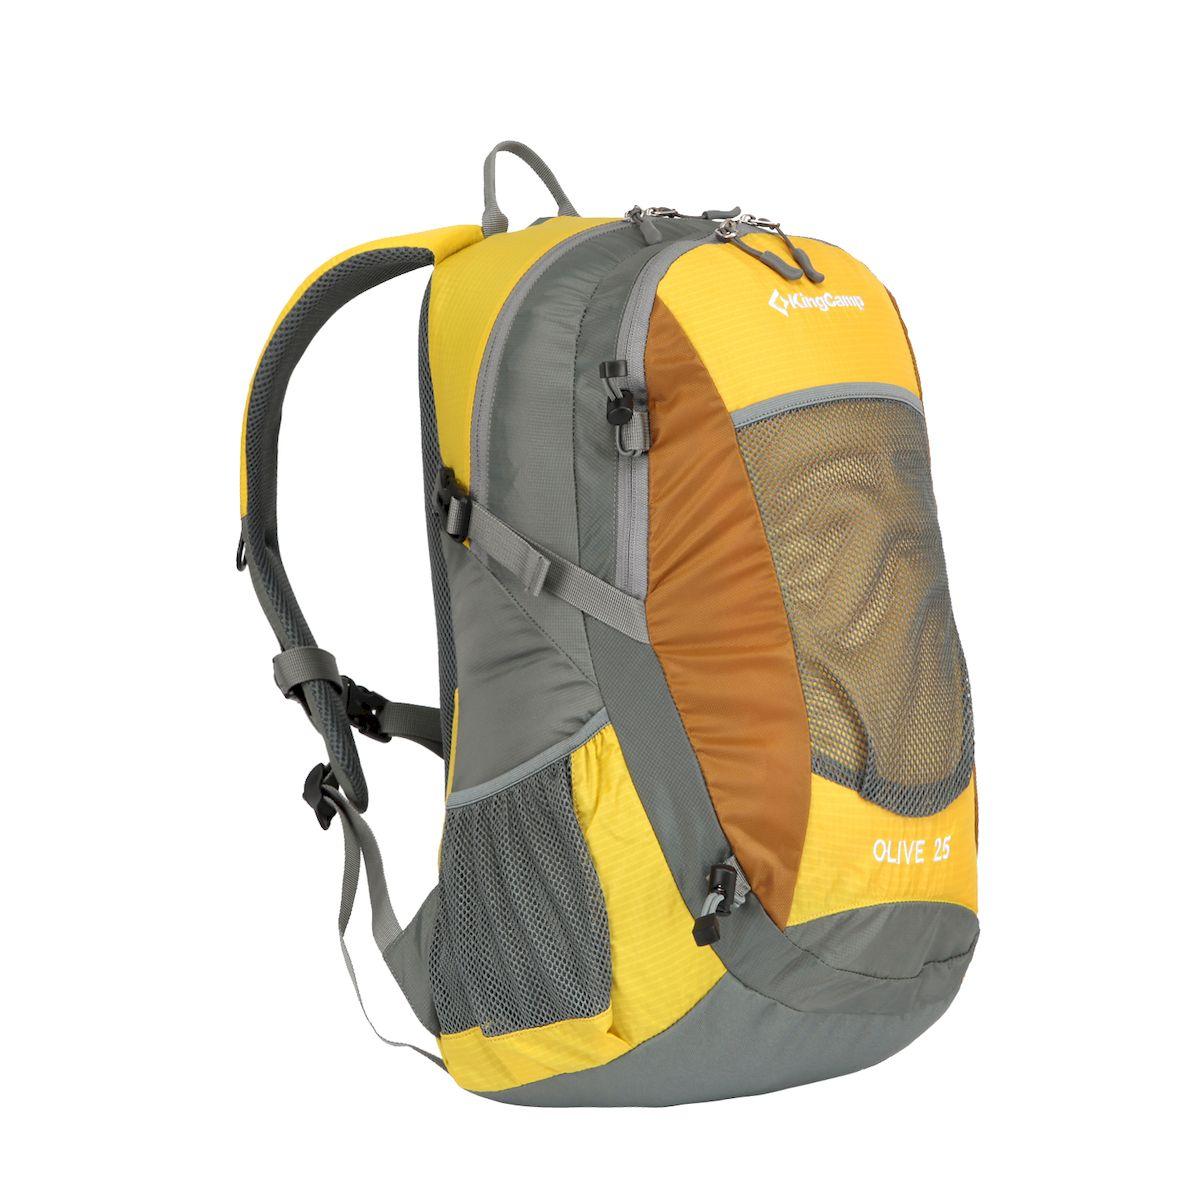 Рюкзак городской KingCamp OLIVE, цвет желтый. 25лRivaCase 8460 blackOLIVE 25л рюкзак Для города, прогулок, путешествий.Артикул KB3307Объем: 25 литровРазмеры: 48 х 27 х 17 смВес: 700 граммМатериал: нейлон 330D+210D RipStop с PU покрытием, полиэстерОсобенности: одно отделение, водонепроницаемая ткань, система вентиляции спины V.U.S., карман для ноутбука, боковые карманы, крепеж для инструмента, органайзер, накидка от дождя.